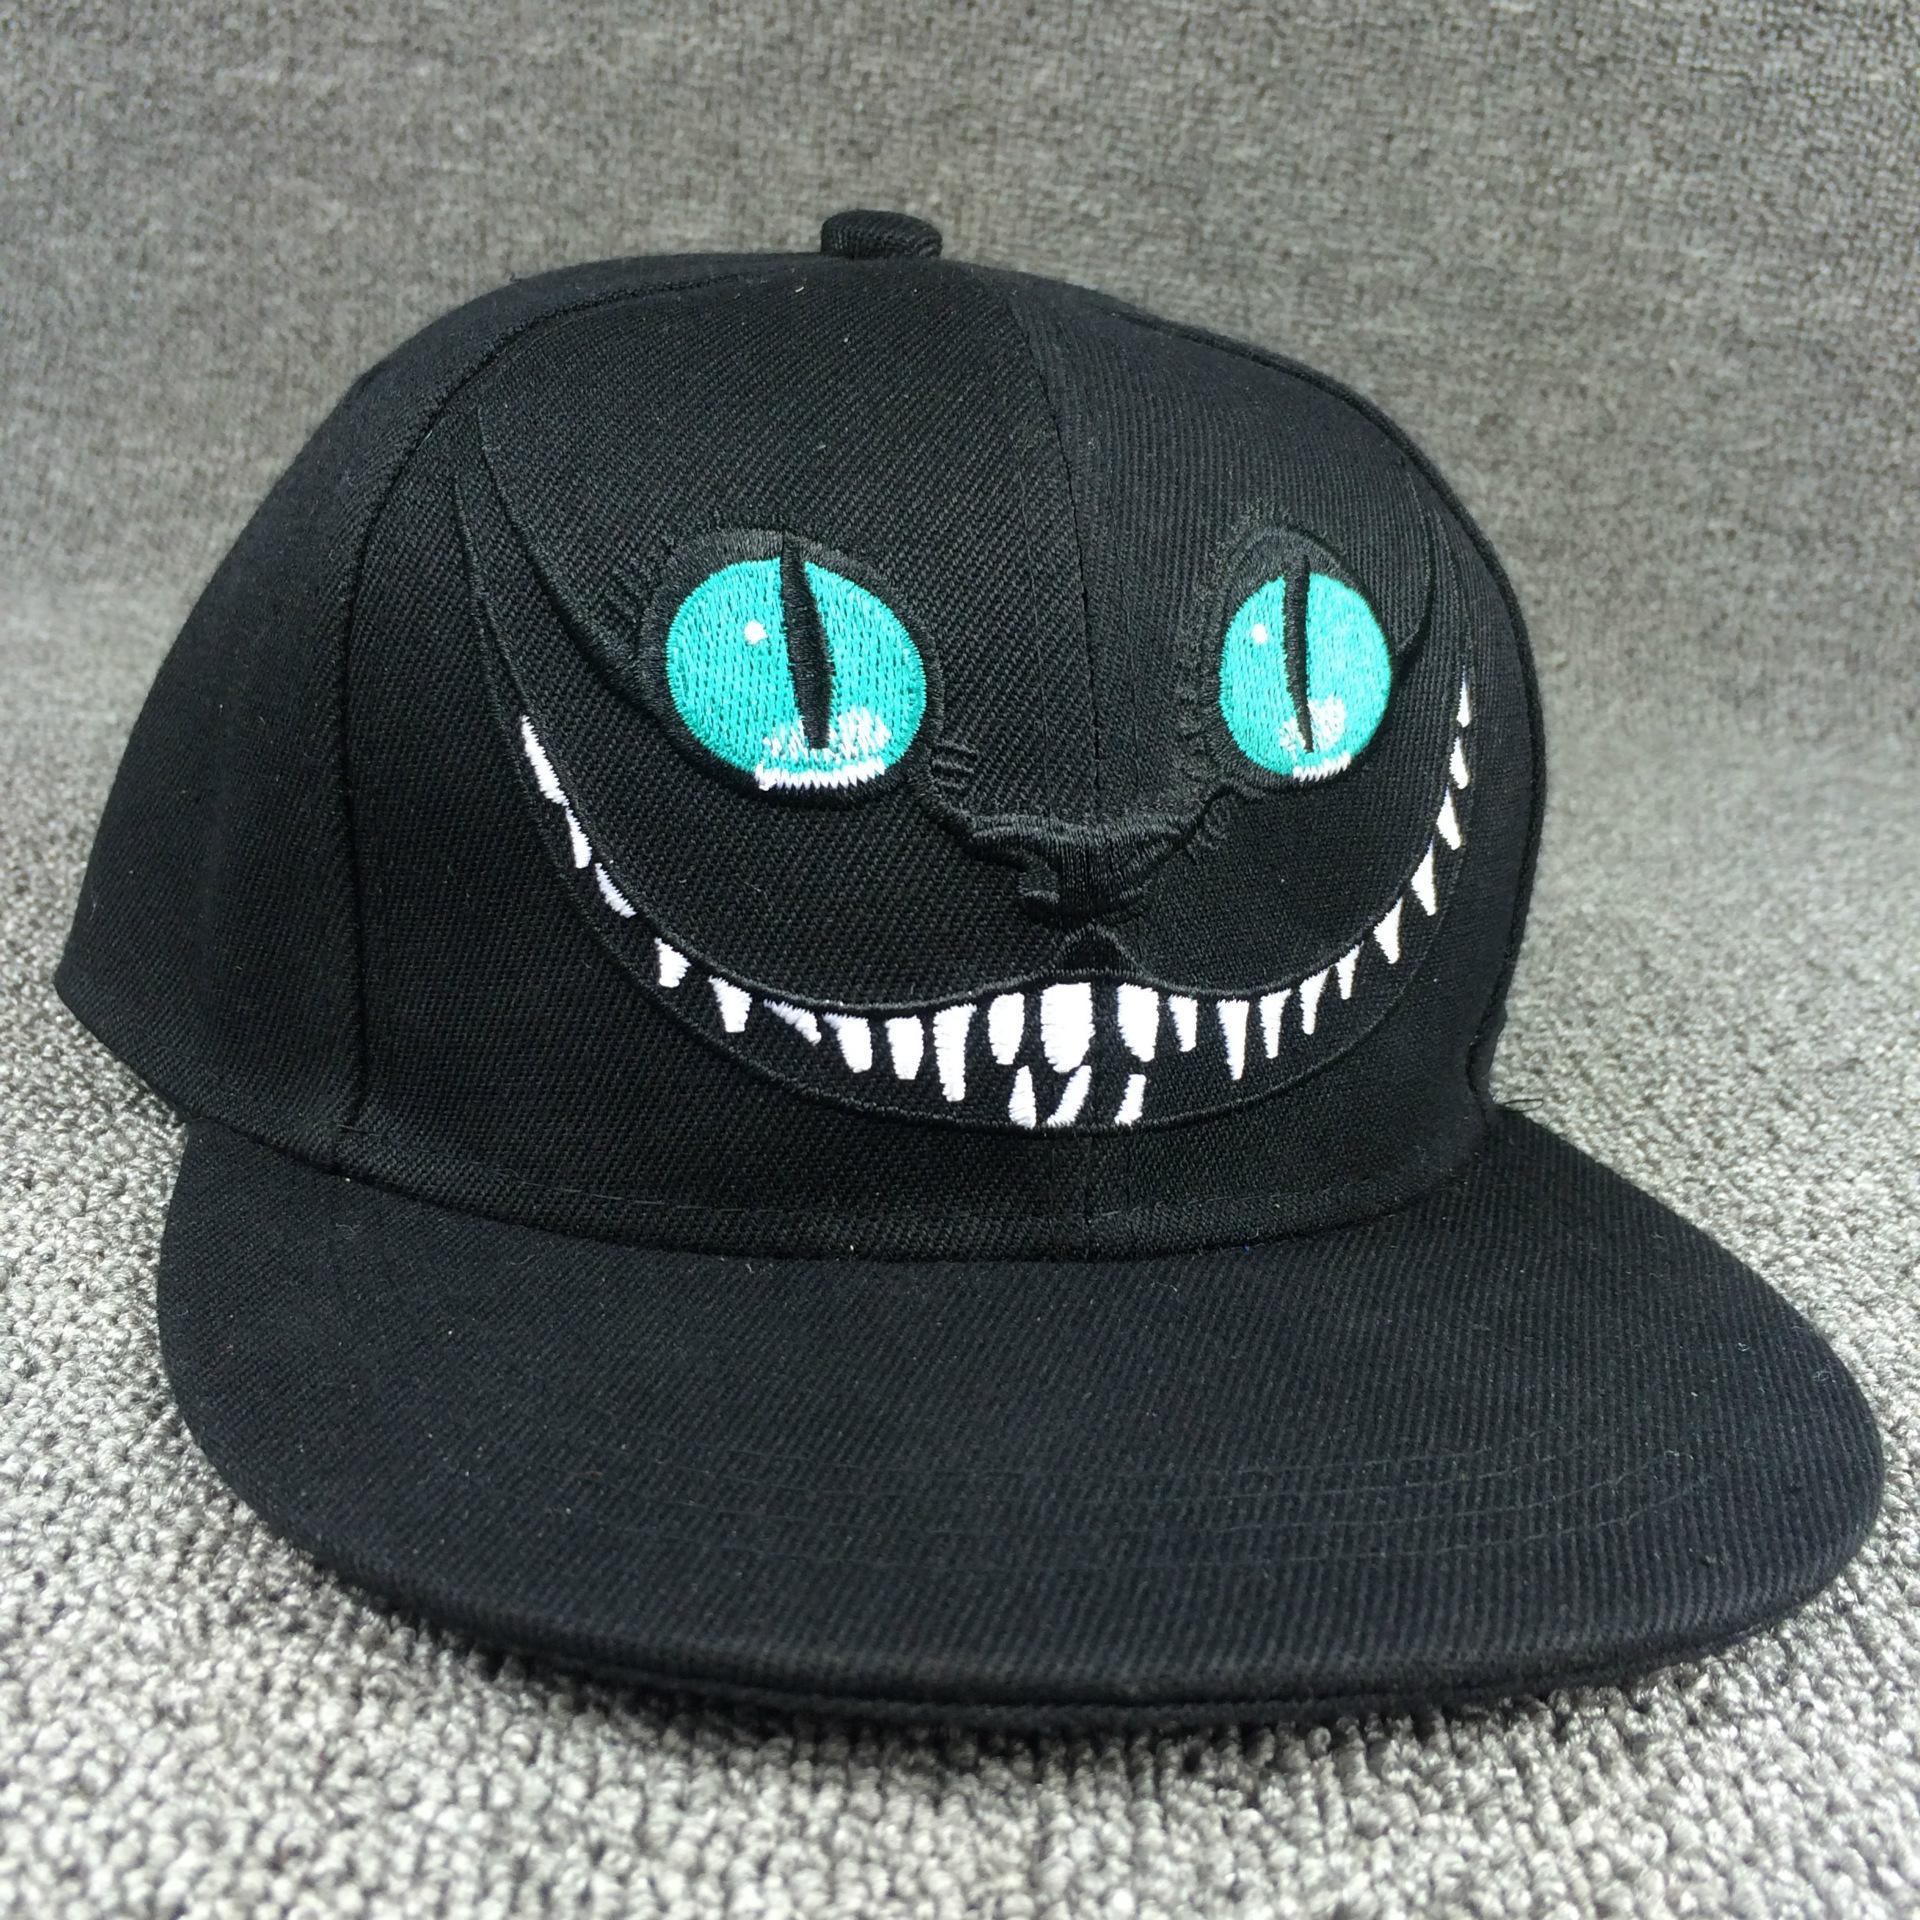 爱丽丝梦游仙境柴郡猫帽子卡通棒球帽嘻哈帽子男女夏天平沿帽遮阳